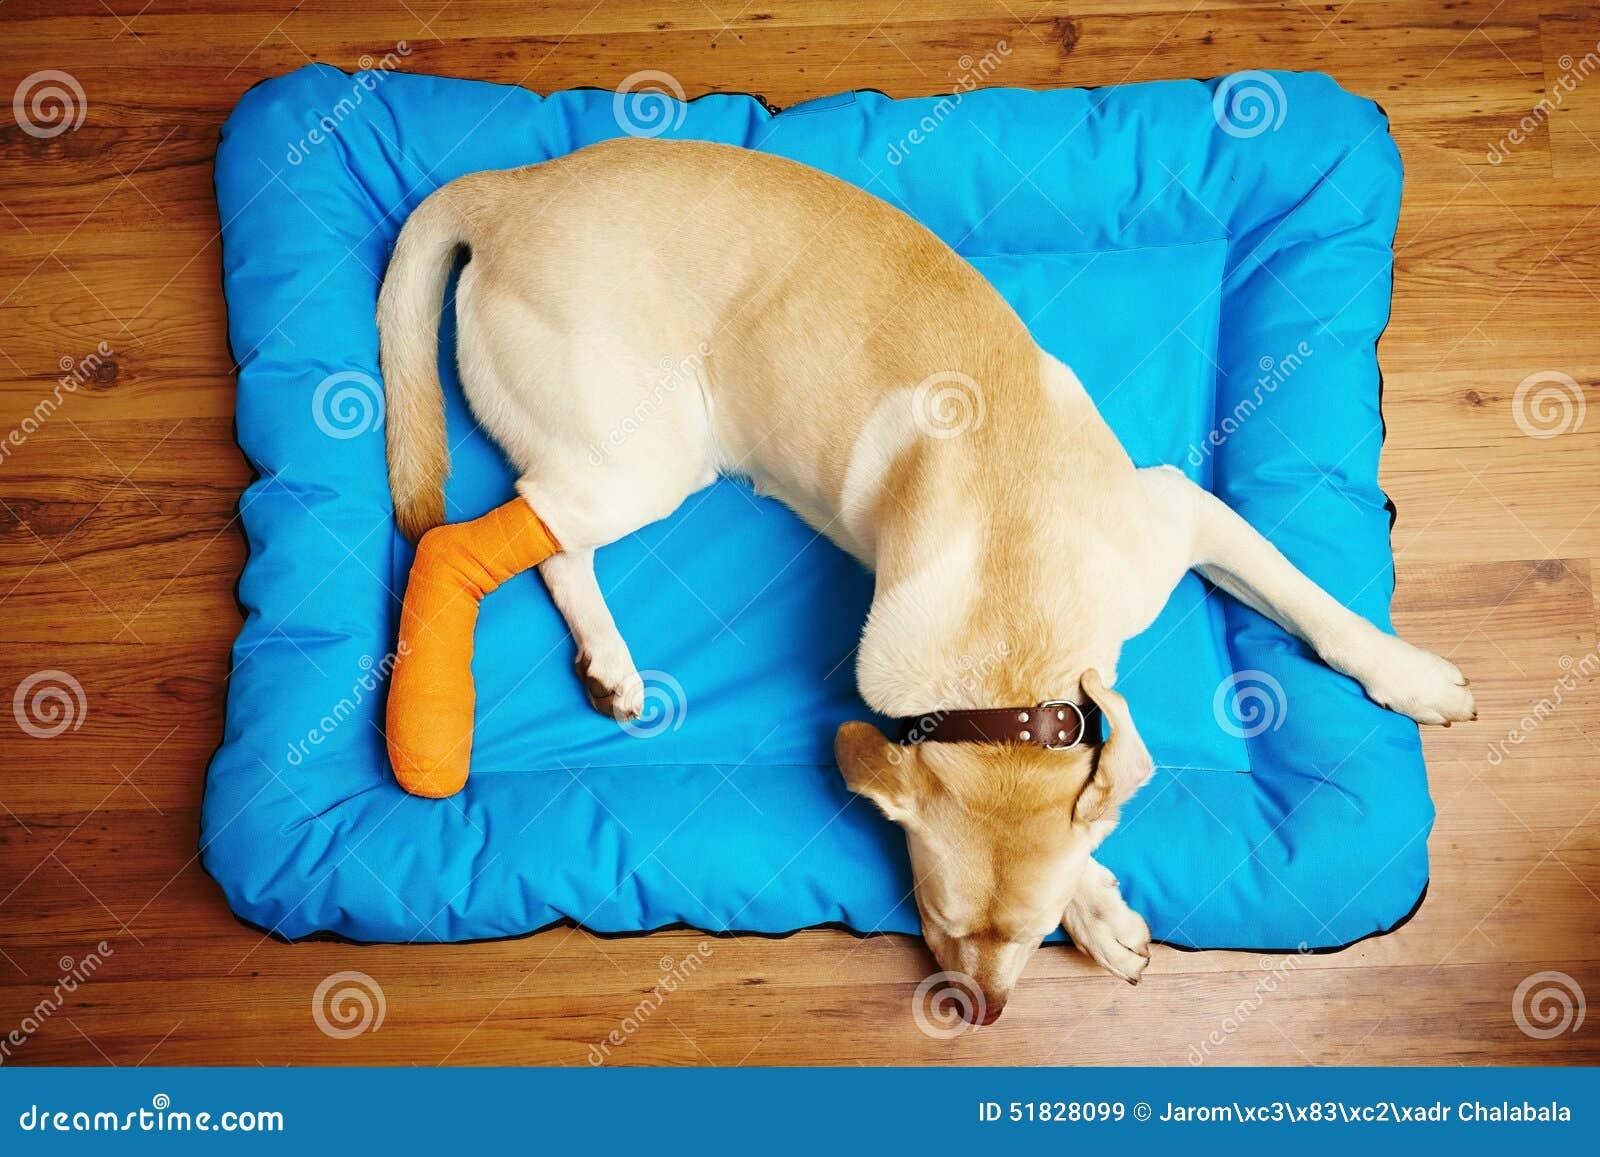 Cane con il piedino rotto